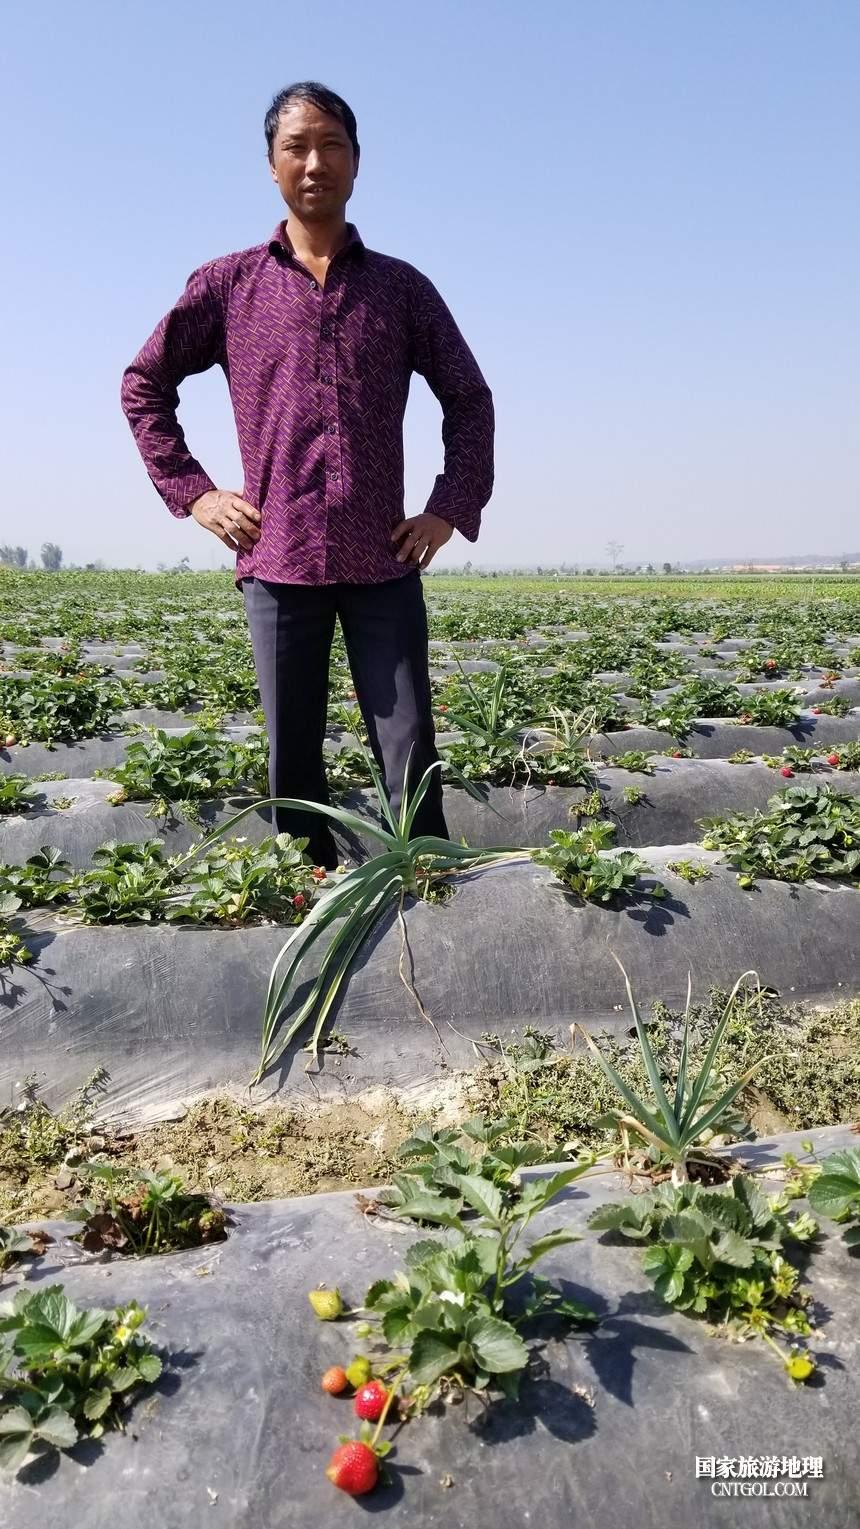 家住德宏梁河县的徐光钱每年秋冬便来到芒赛村承包农田种植草莓。三月草莓成熟后,他又要回梁河种植核桃、草果、杉木。